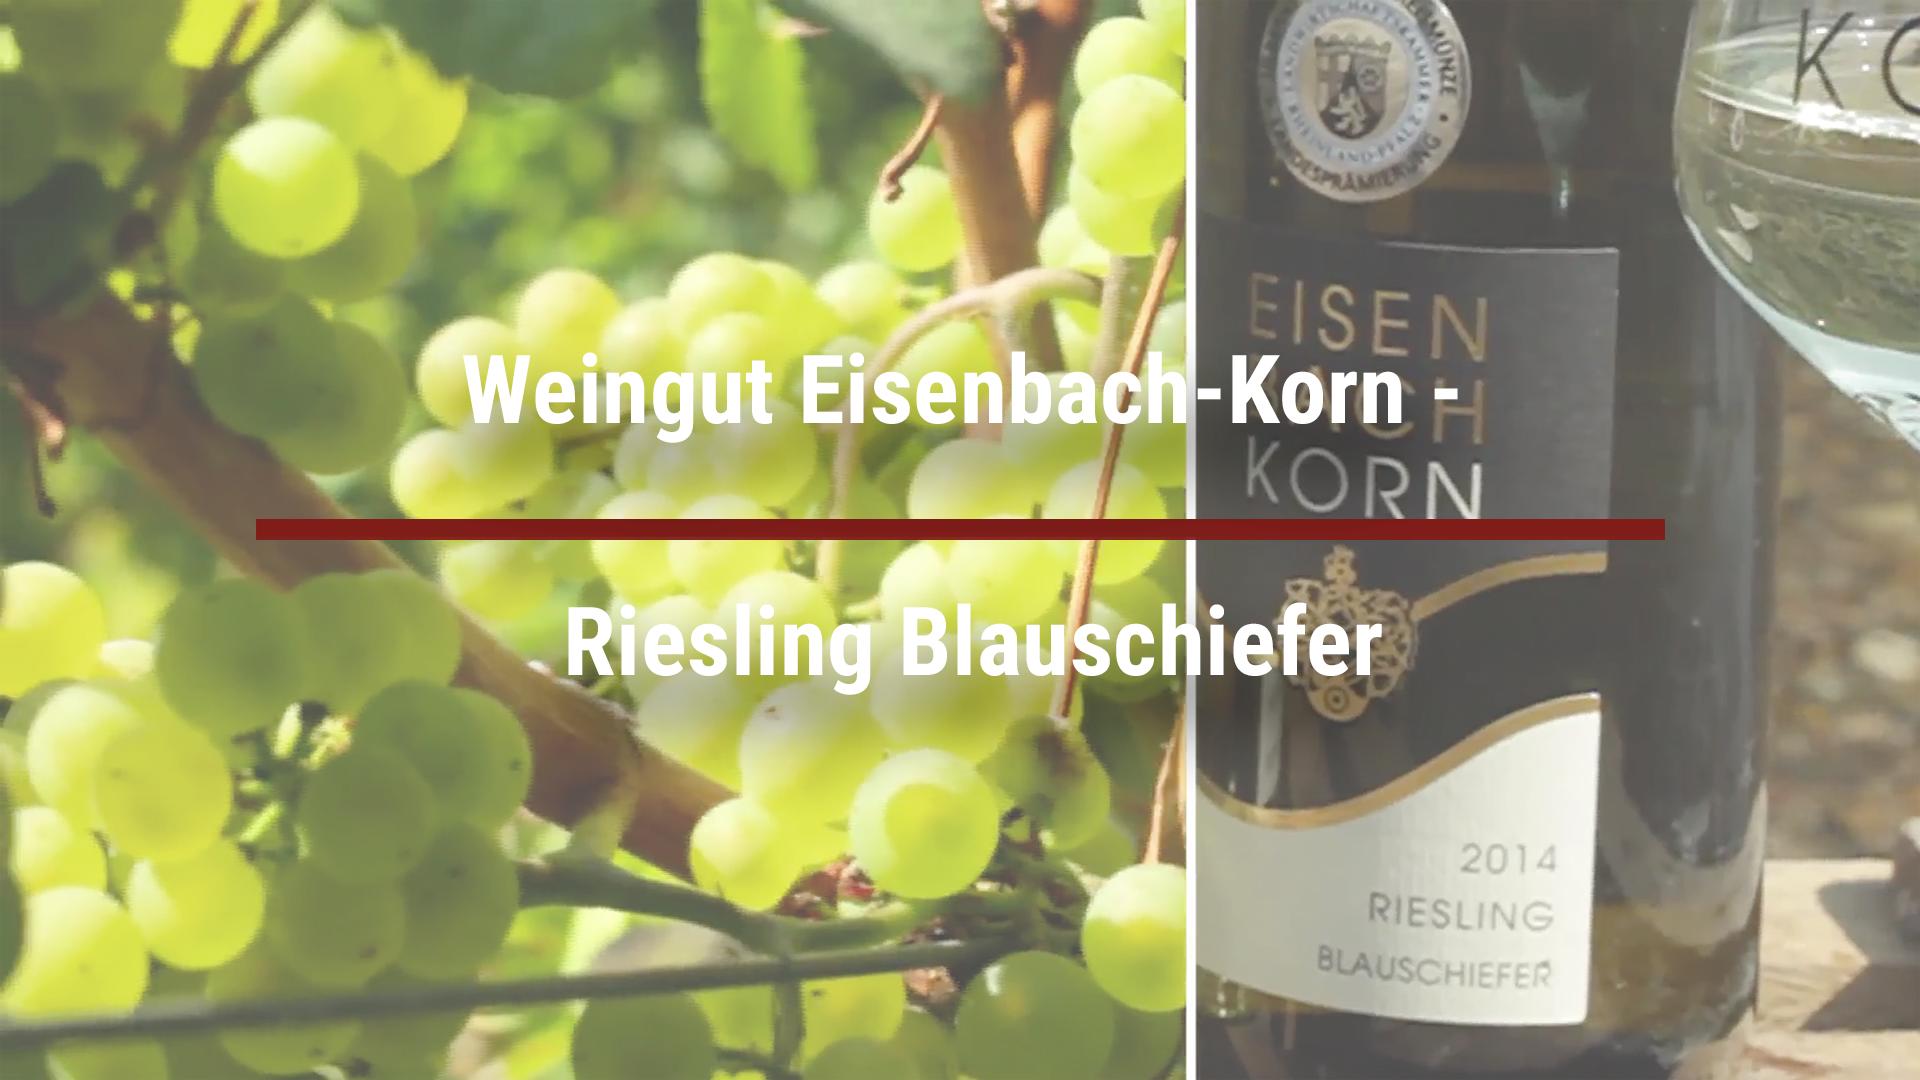 Weingut Eisenbach-Korn – Riesling Blauschiefer